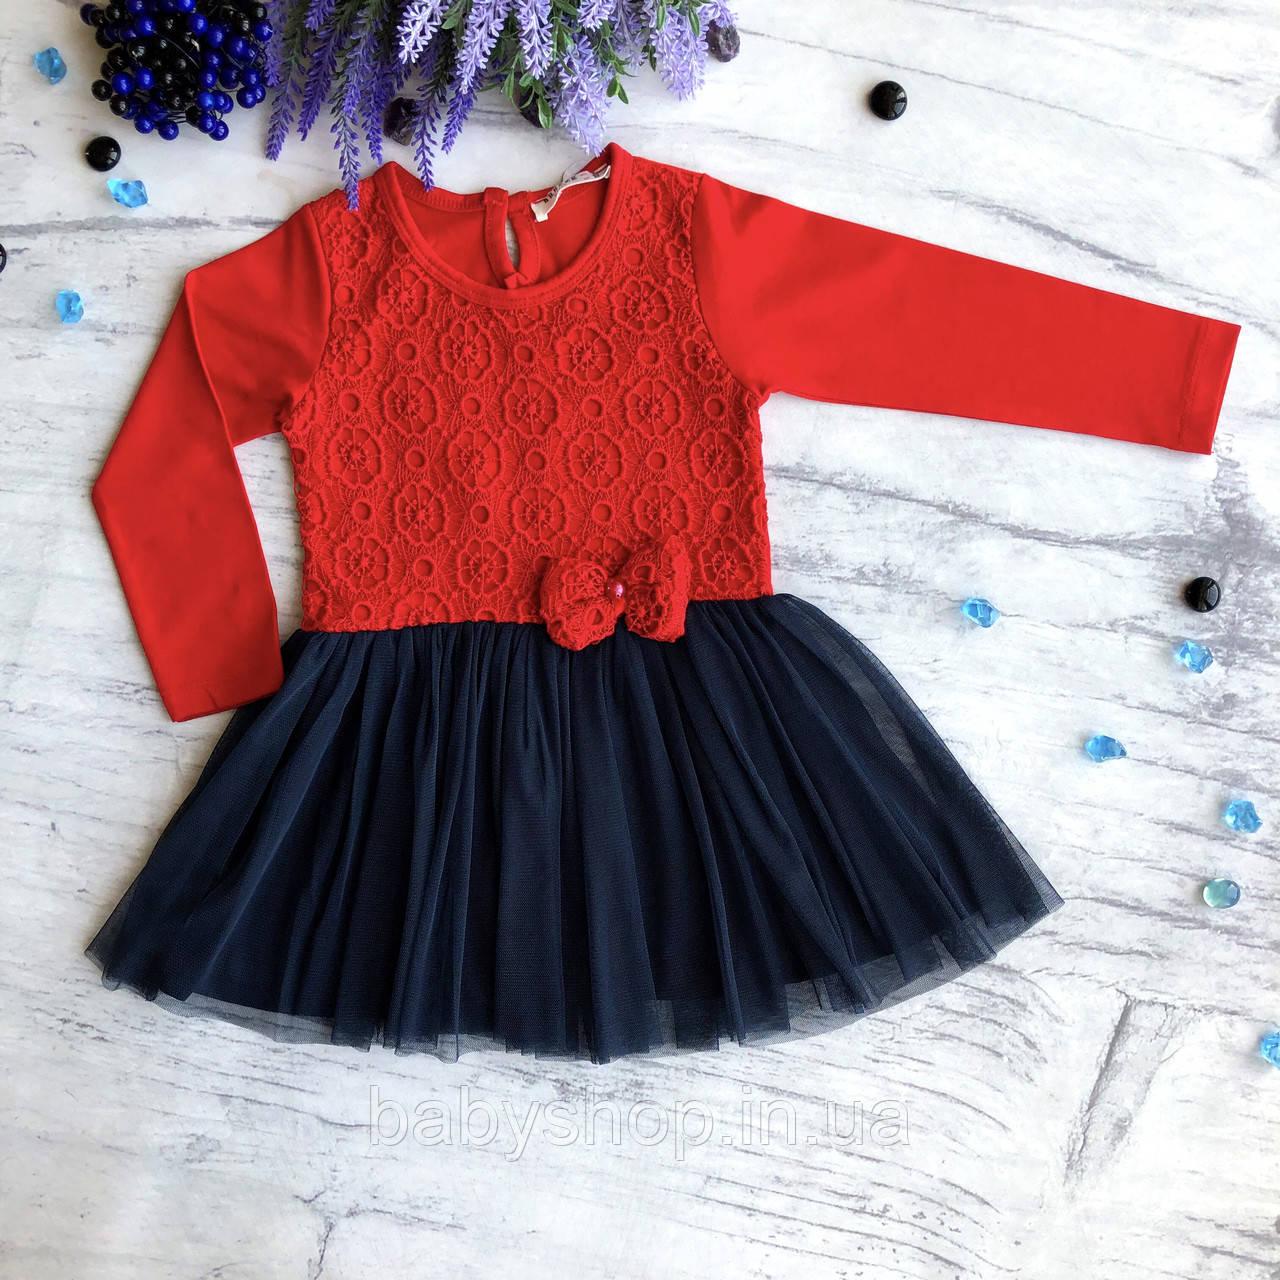 Детское легкое платье Breeze 126. Размер 92 (2года)